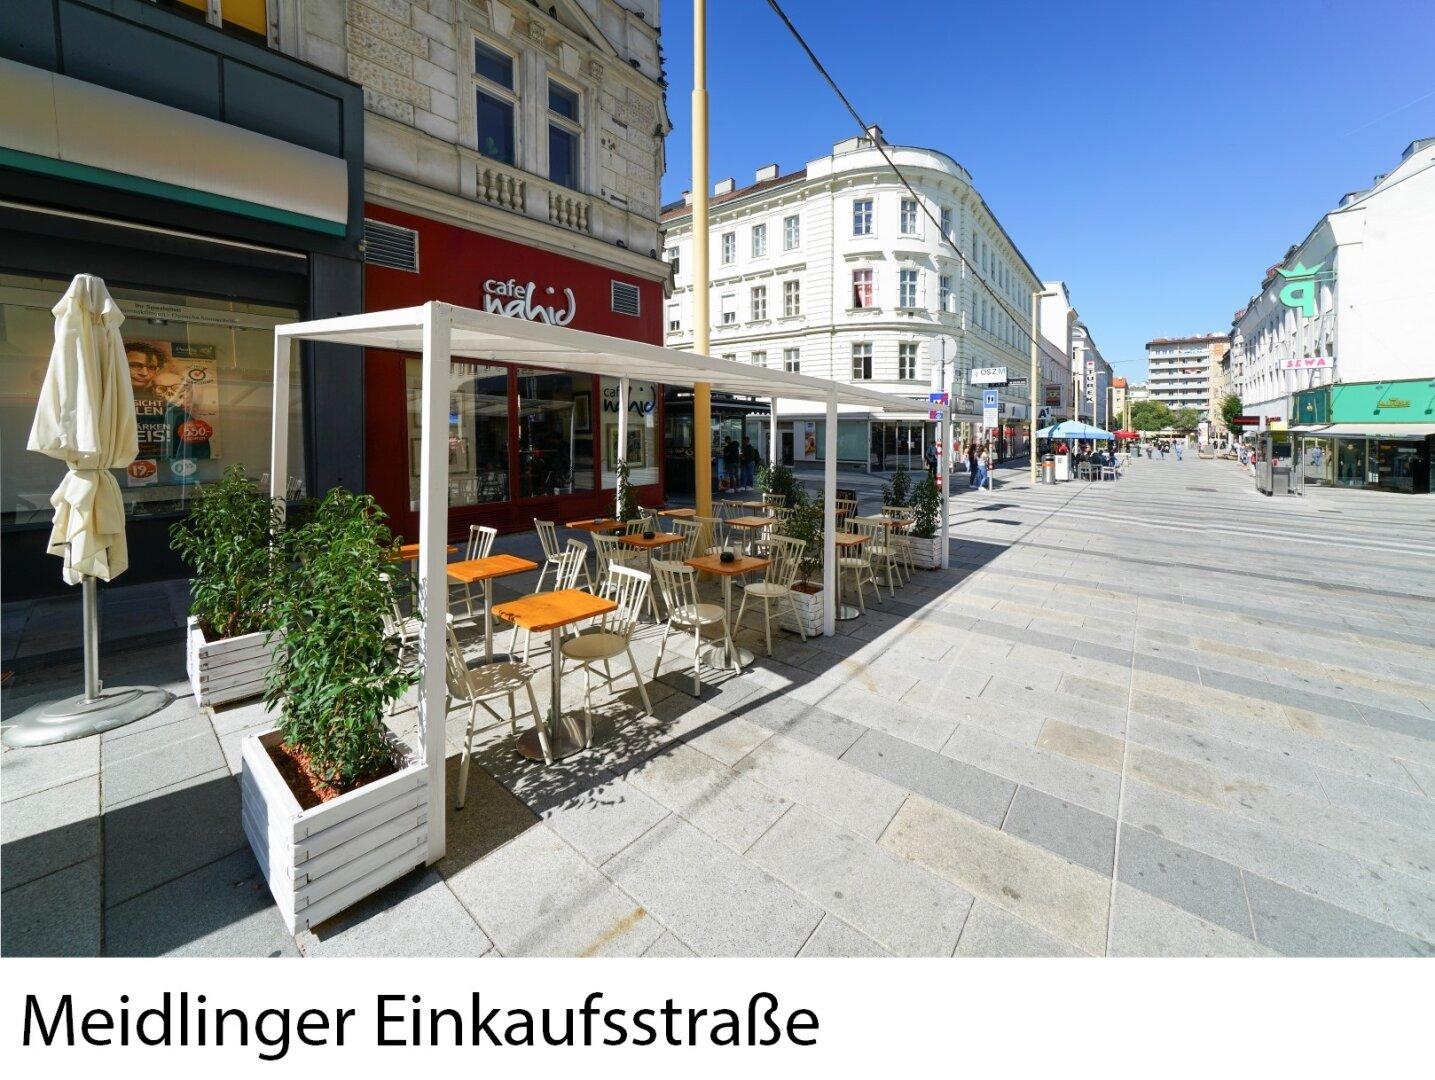 Nahe Meidlinger Einkaufsstraße